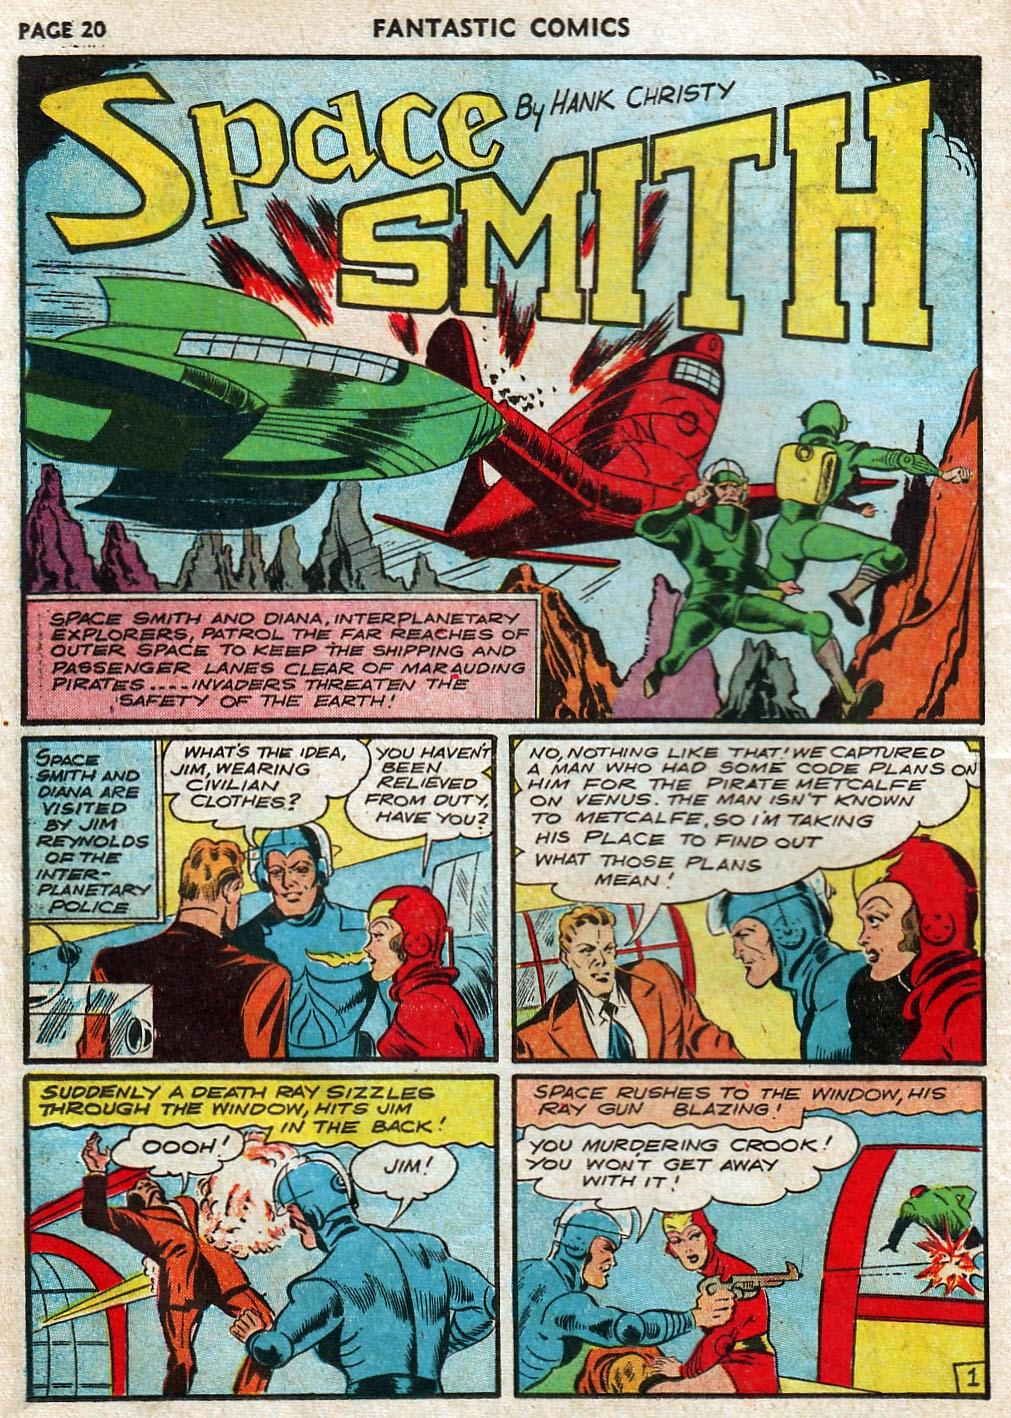 Read online Fantastic Comics comic -  Issue #17 - 22